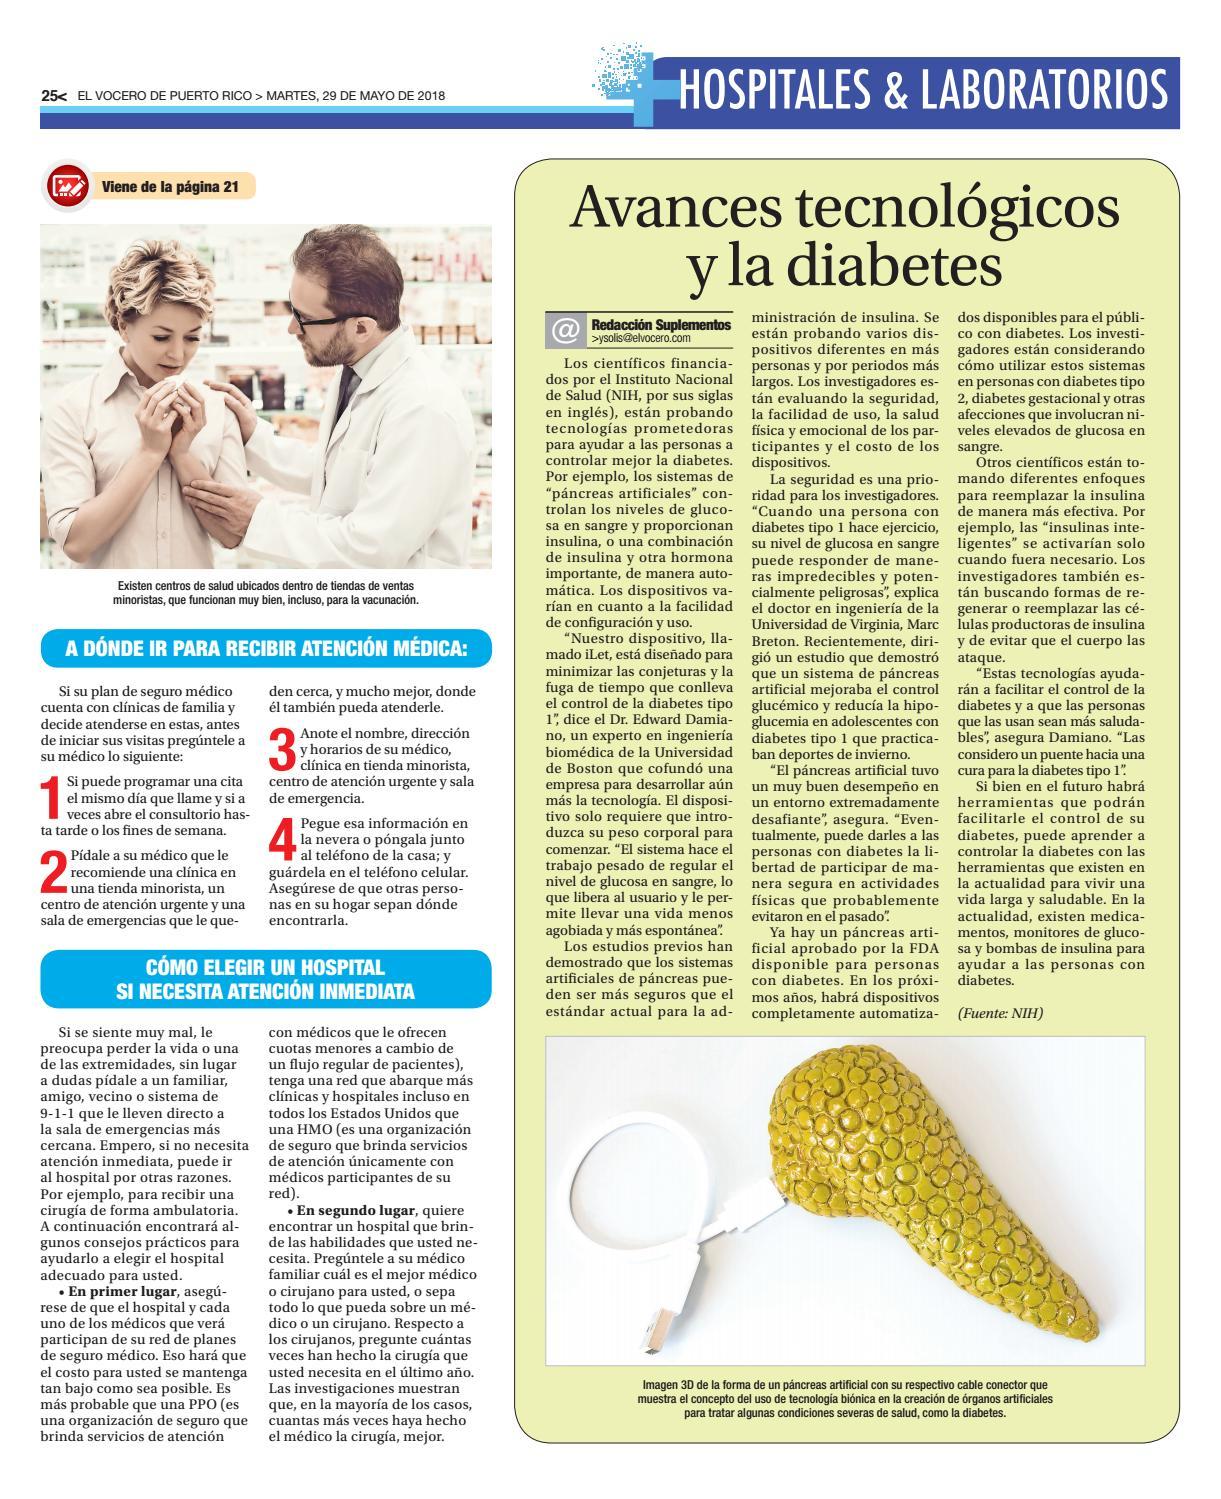 el páncreas artificial muestra diabetes